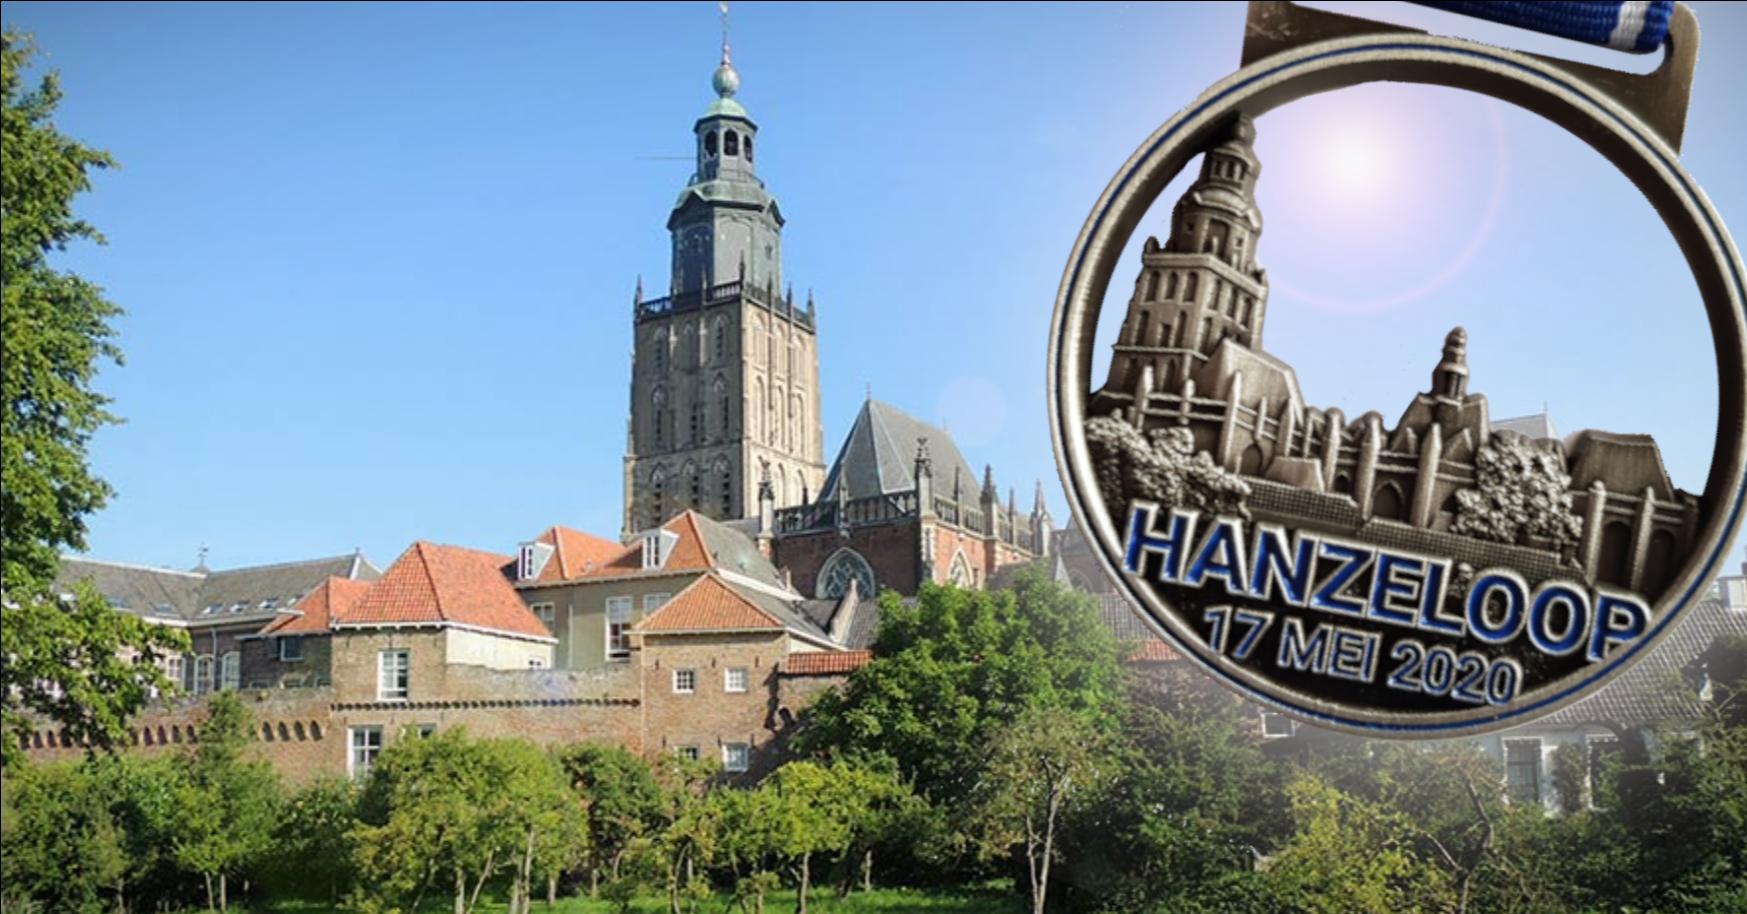 Ook dit jaar virtuele City Hanzeloop